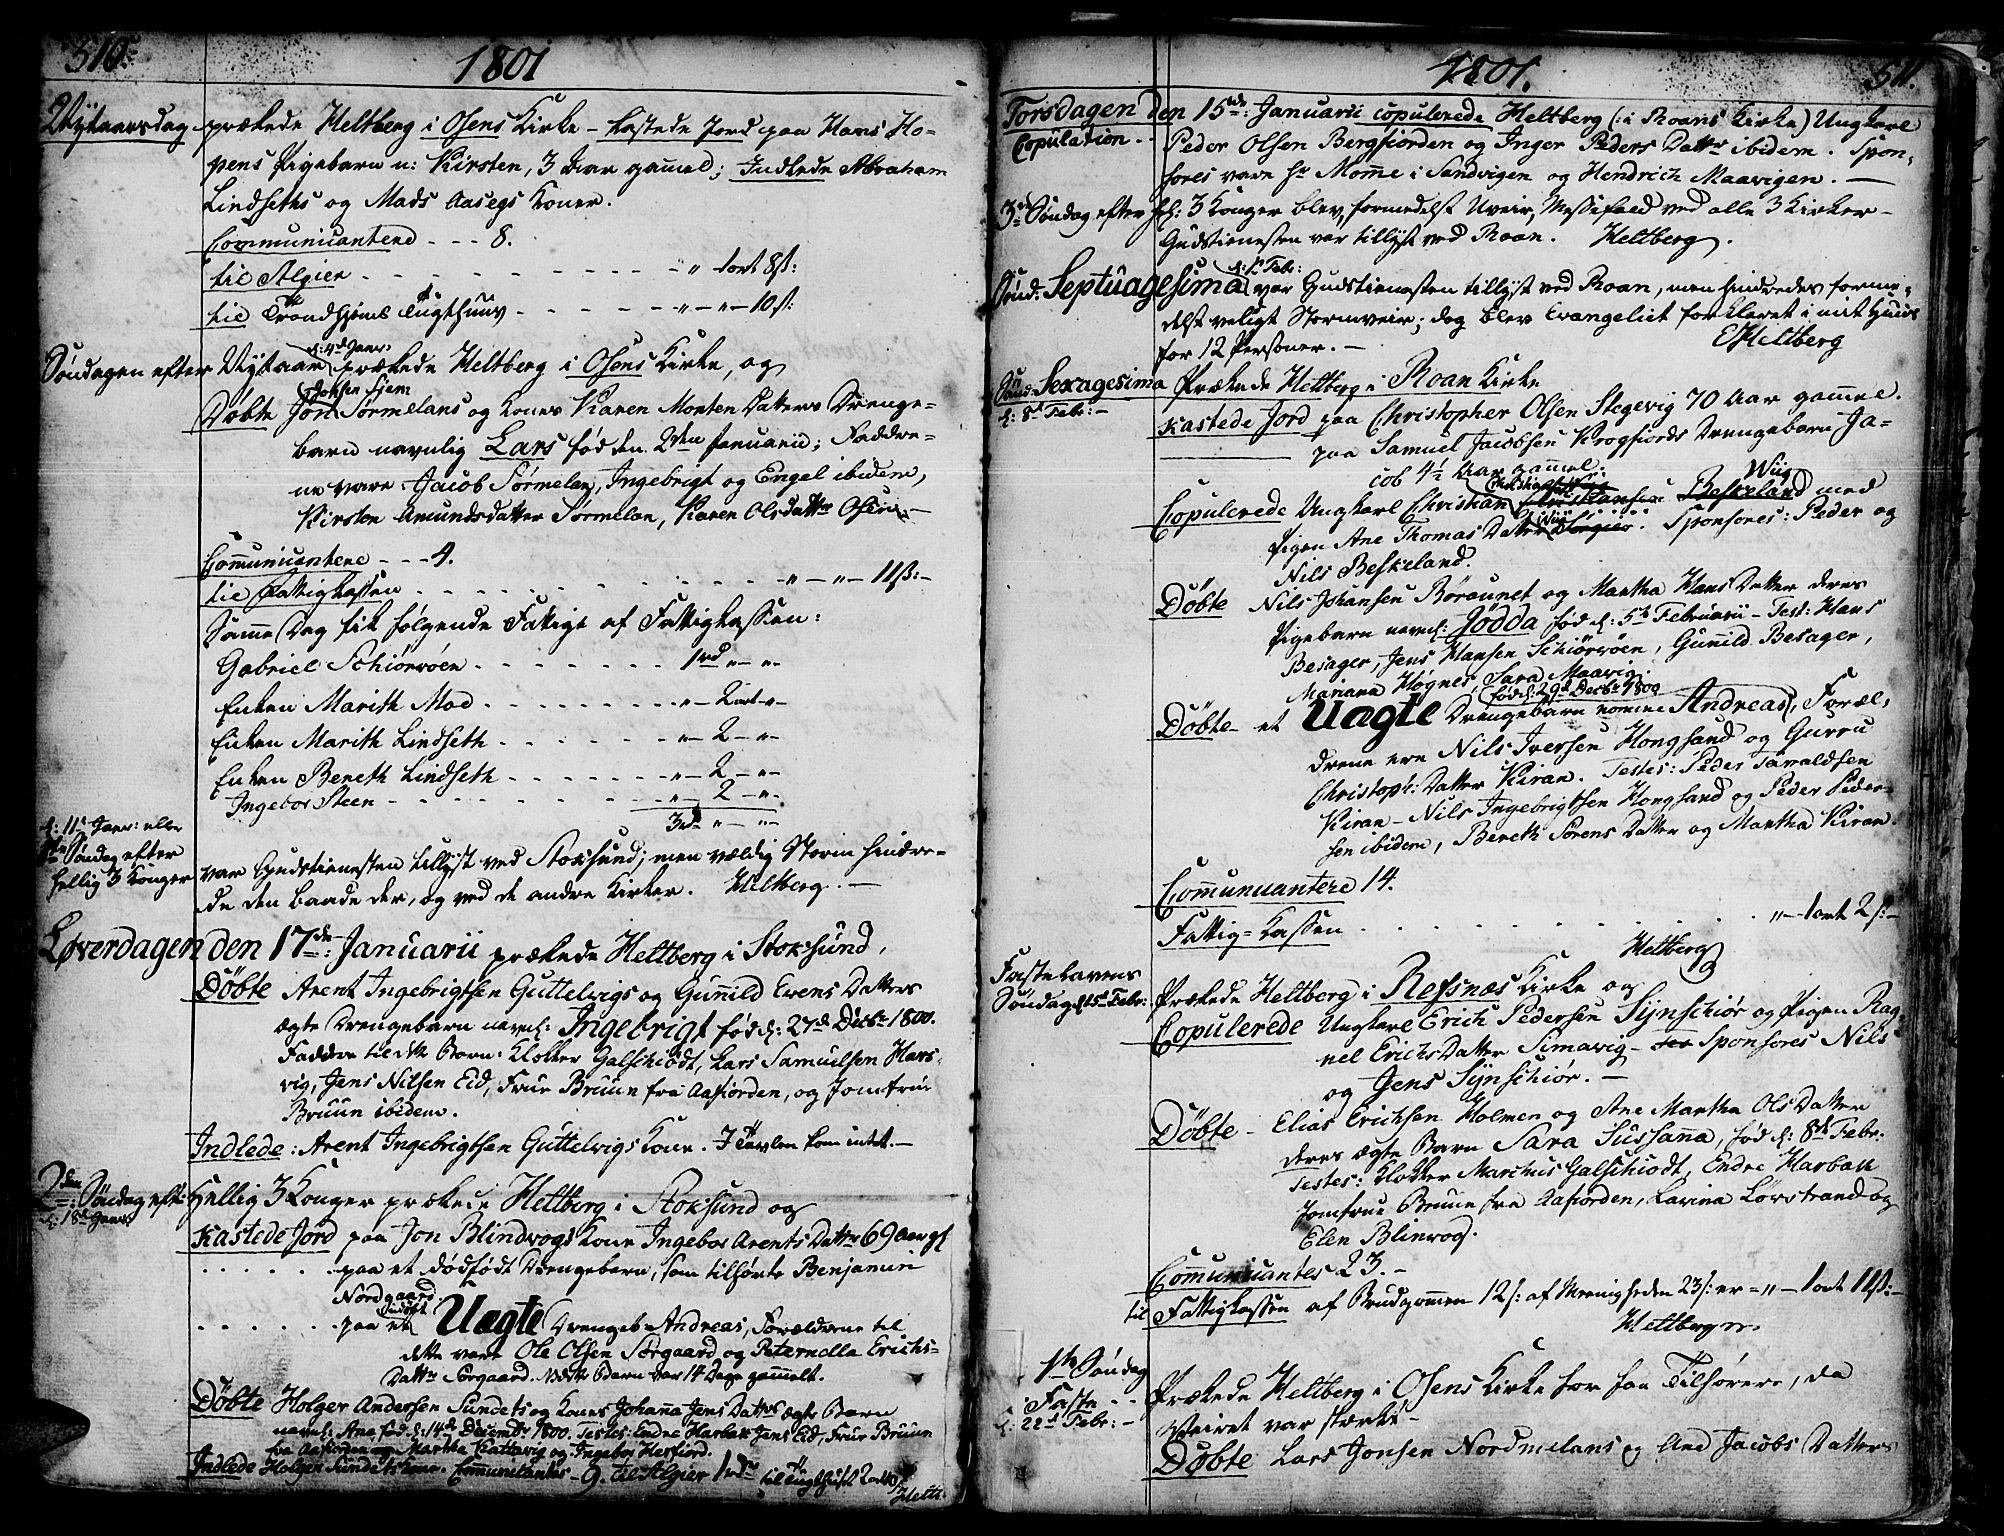 SAT, Ministerialprotokoller, klokkerbøker og fødselsregistre - Sør-Trøndelag, 657/L0700: Ministerialbok nr. 657A01, 1732-1801, s. 510-511